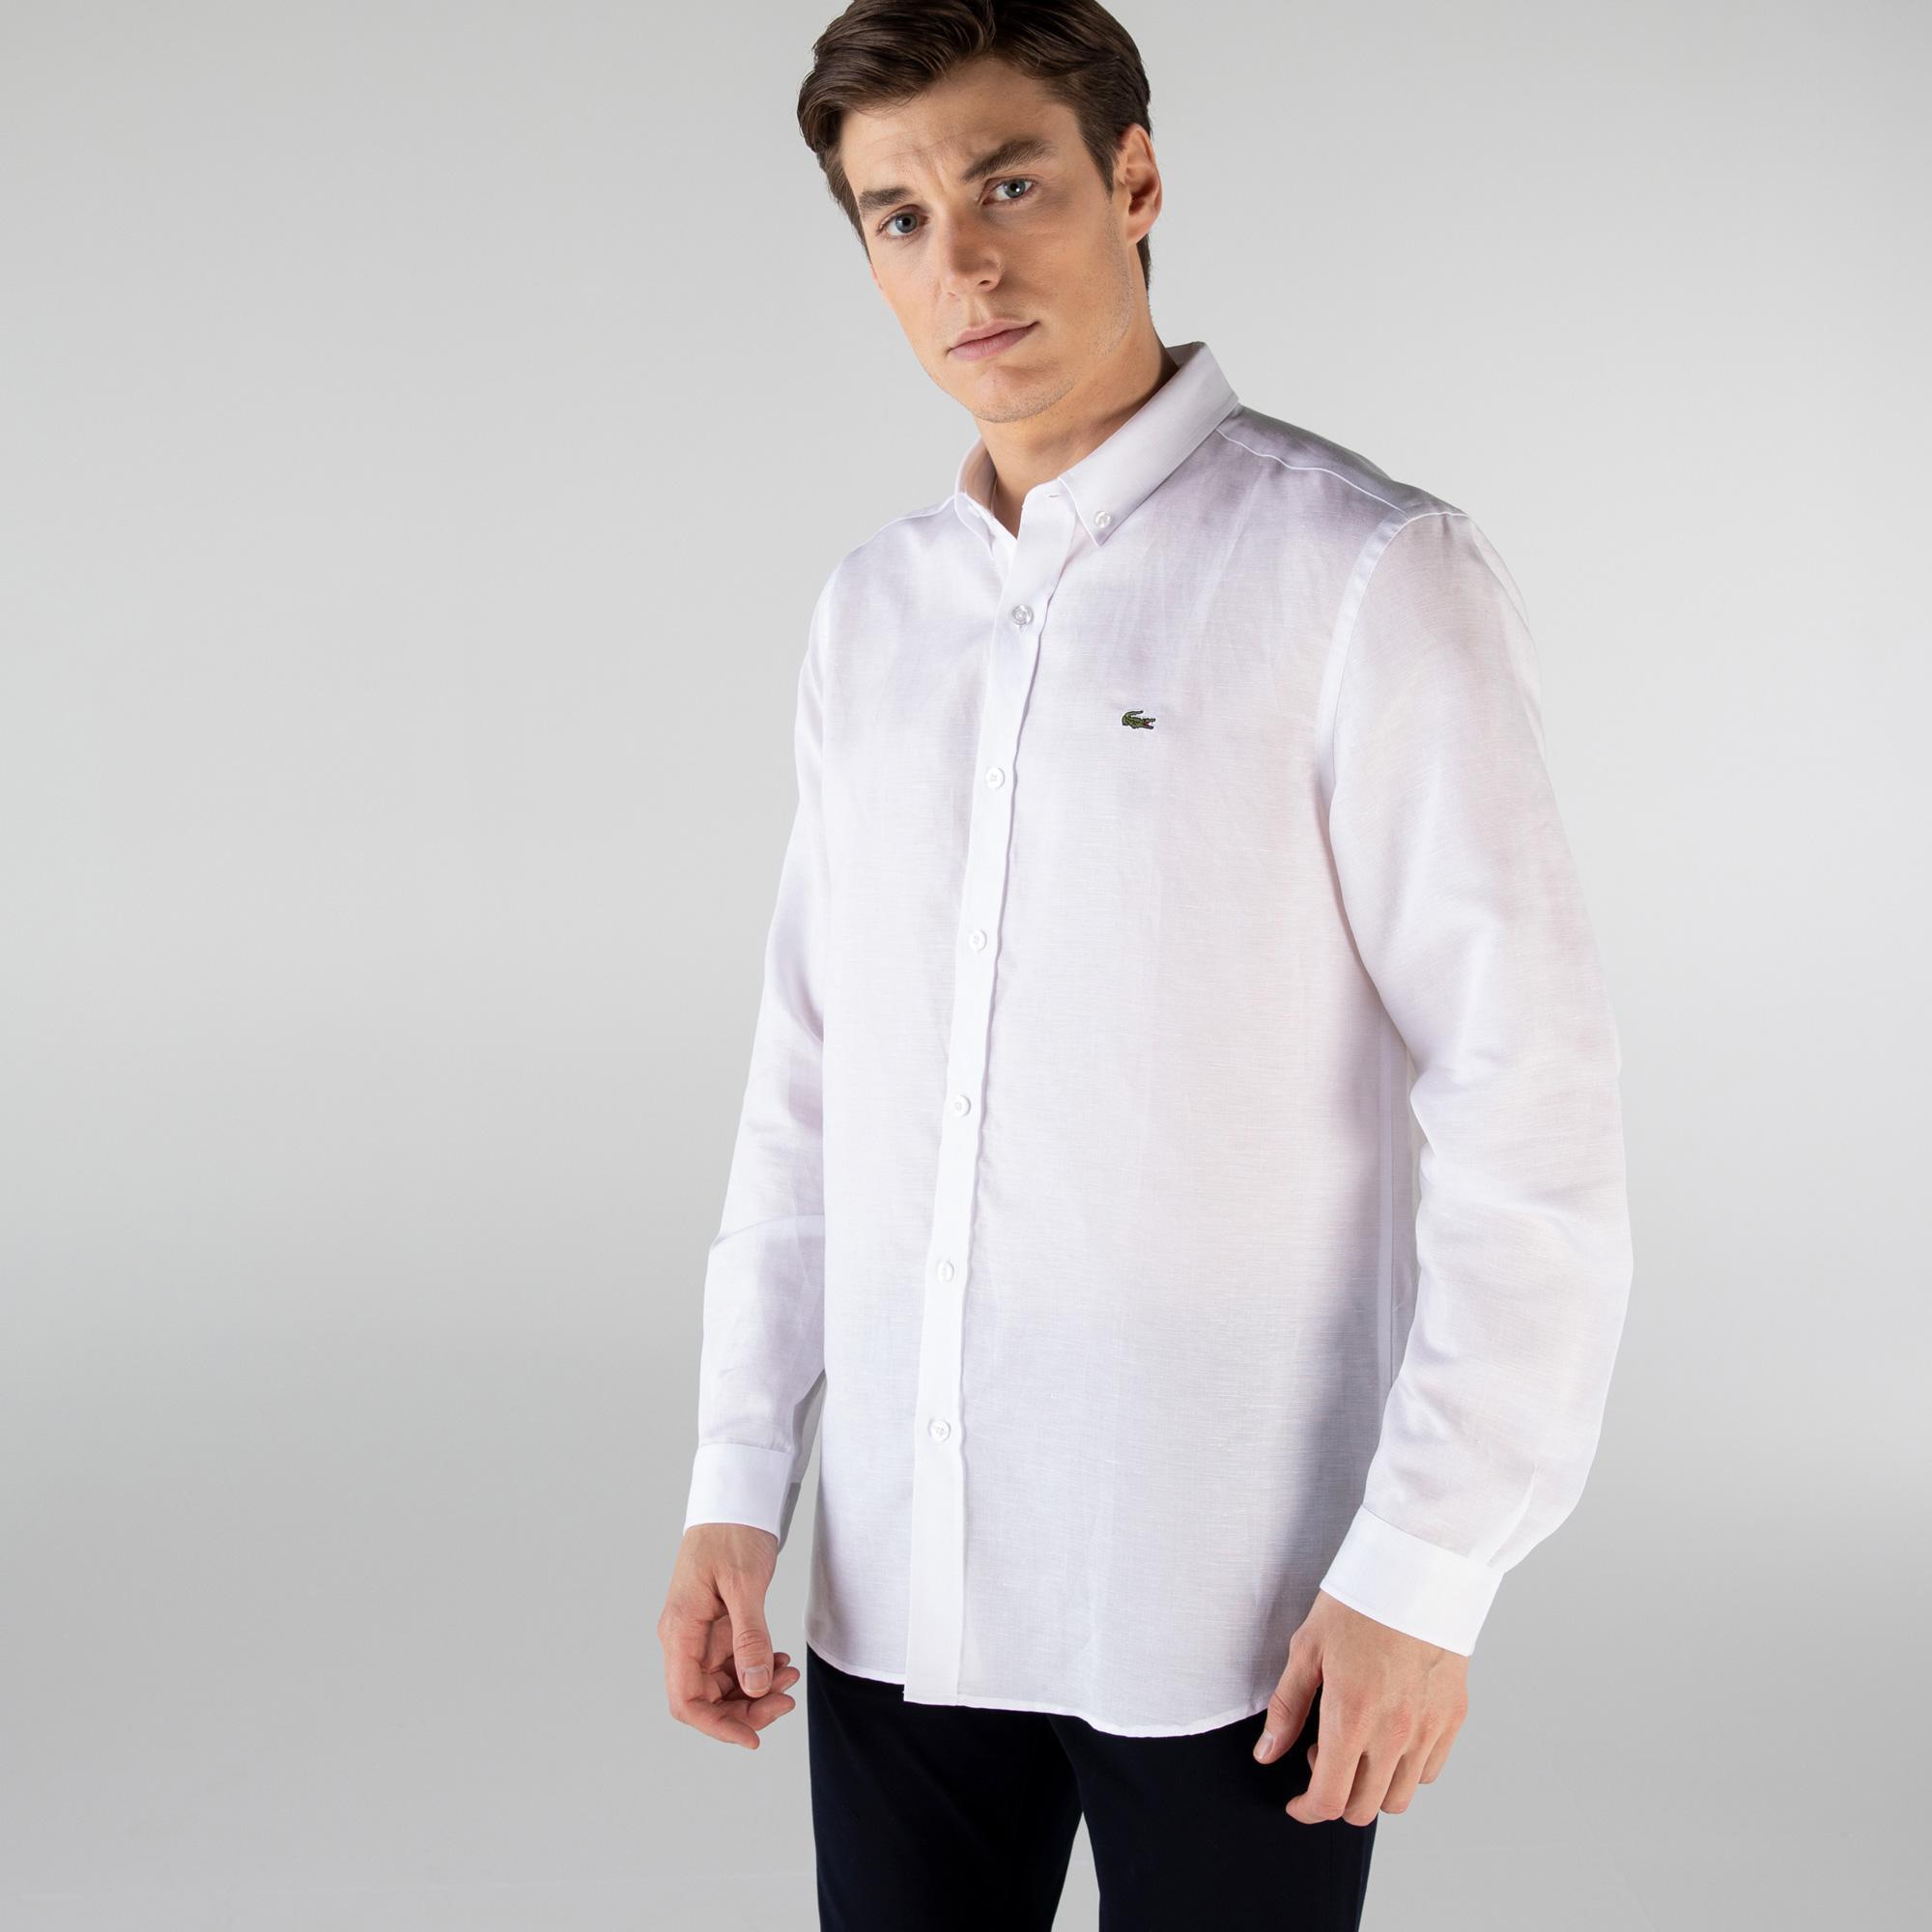 Lacoste Męska tkana koszula z długim rękawem